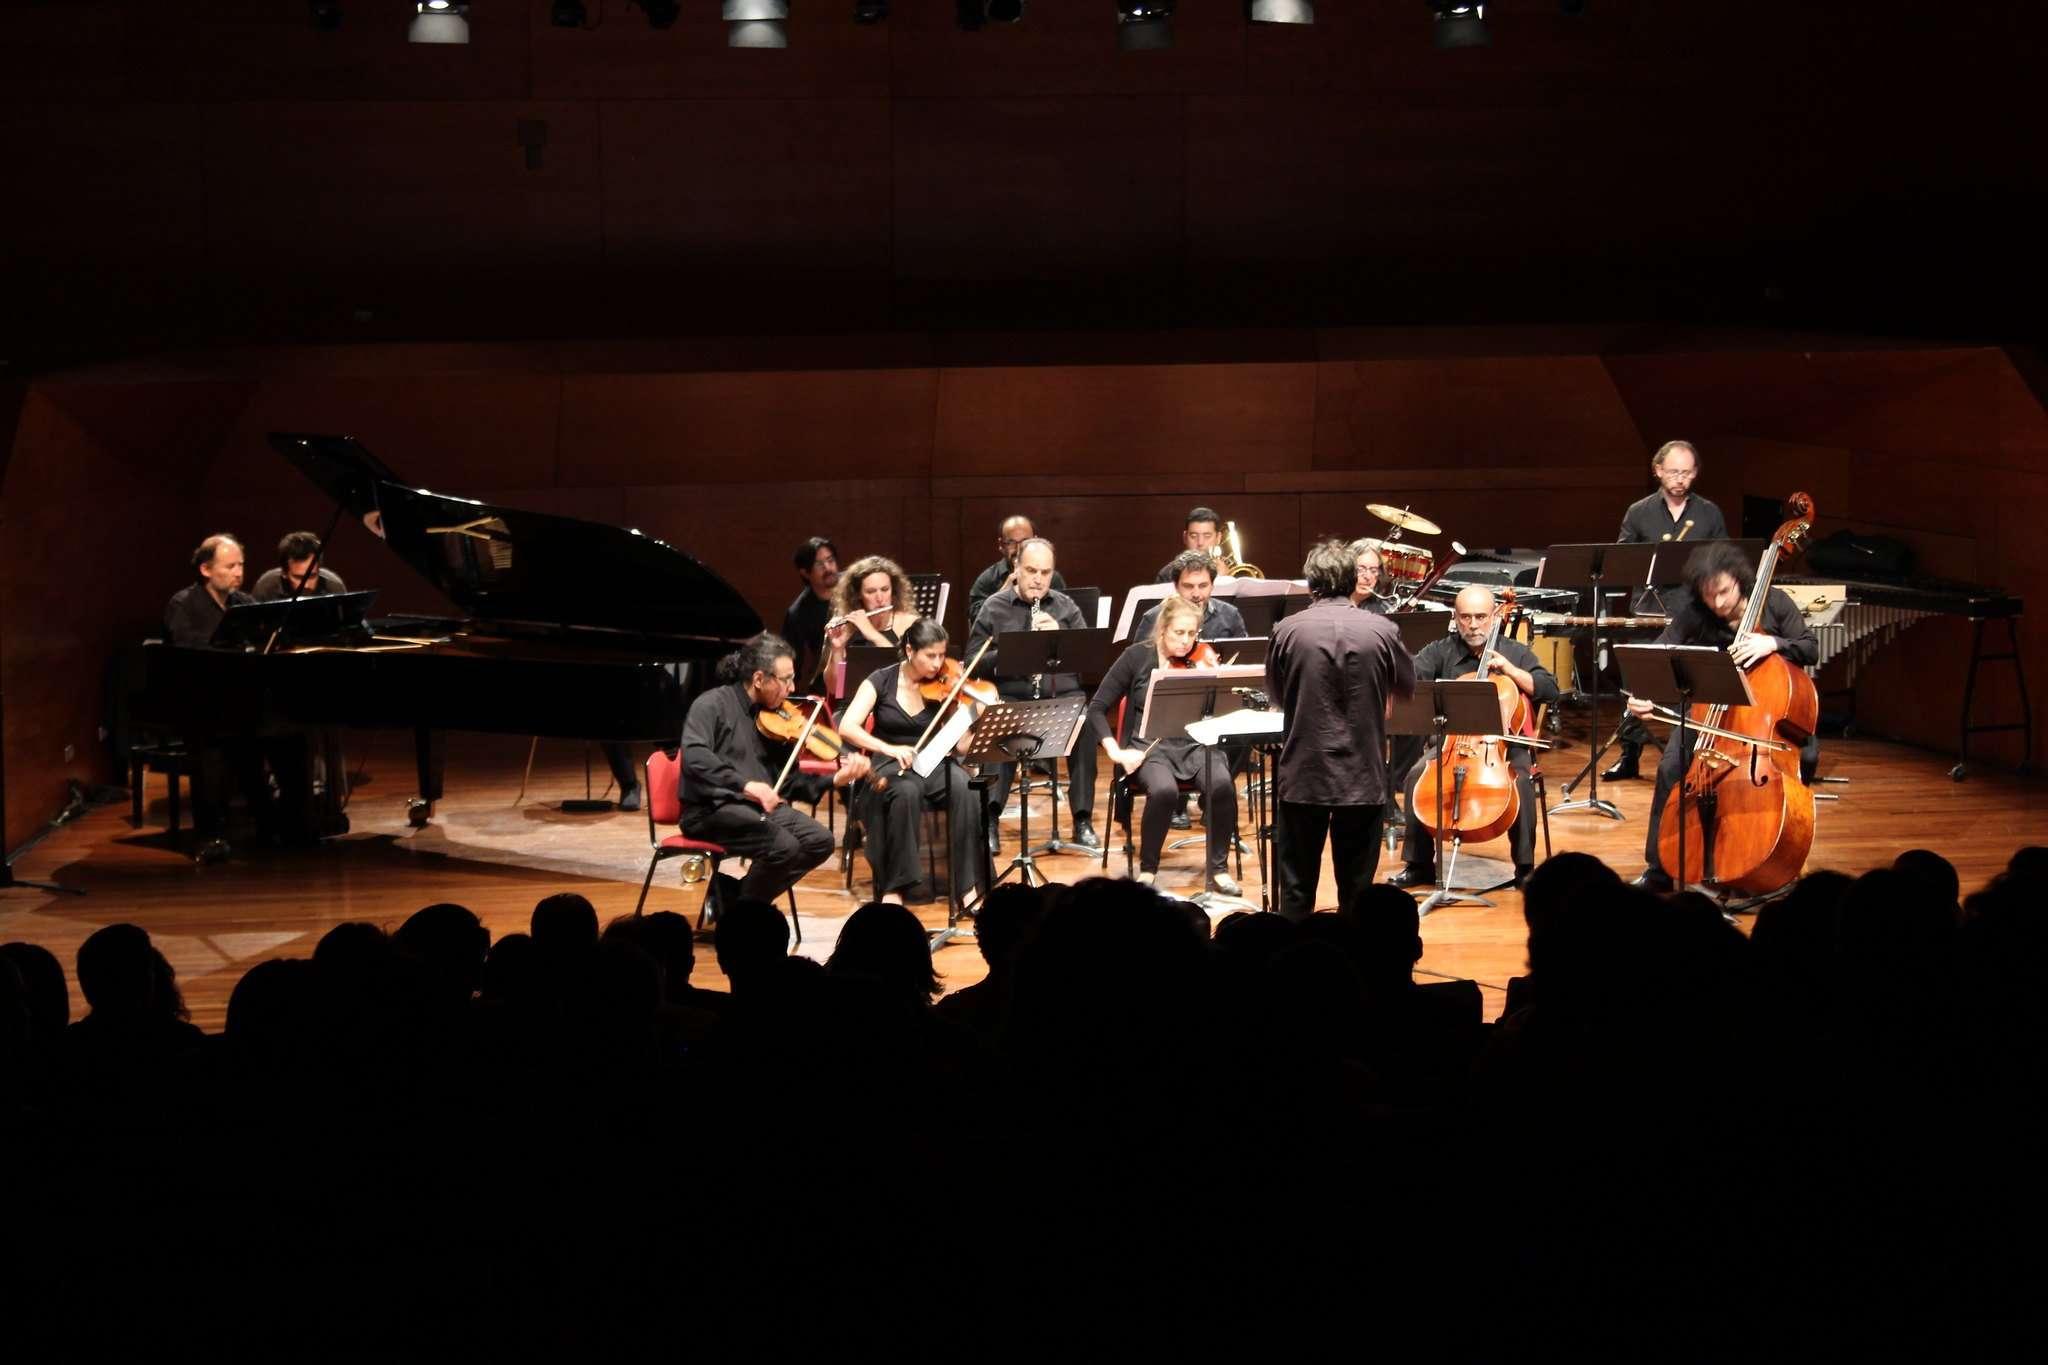 Luis Alberto Latorre y el Ensamble Contemporáneo, con la dirección de Aliosha Solovera, abordan el Concierto para piano de Ligeti, en el registro de 2016 que se transmitirá el 9 de junio. FOTO: IMUC.